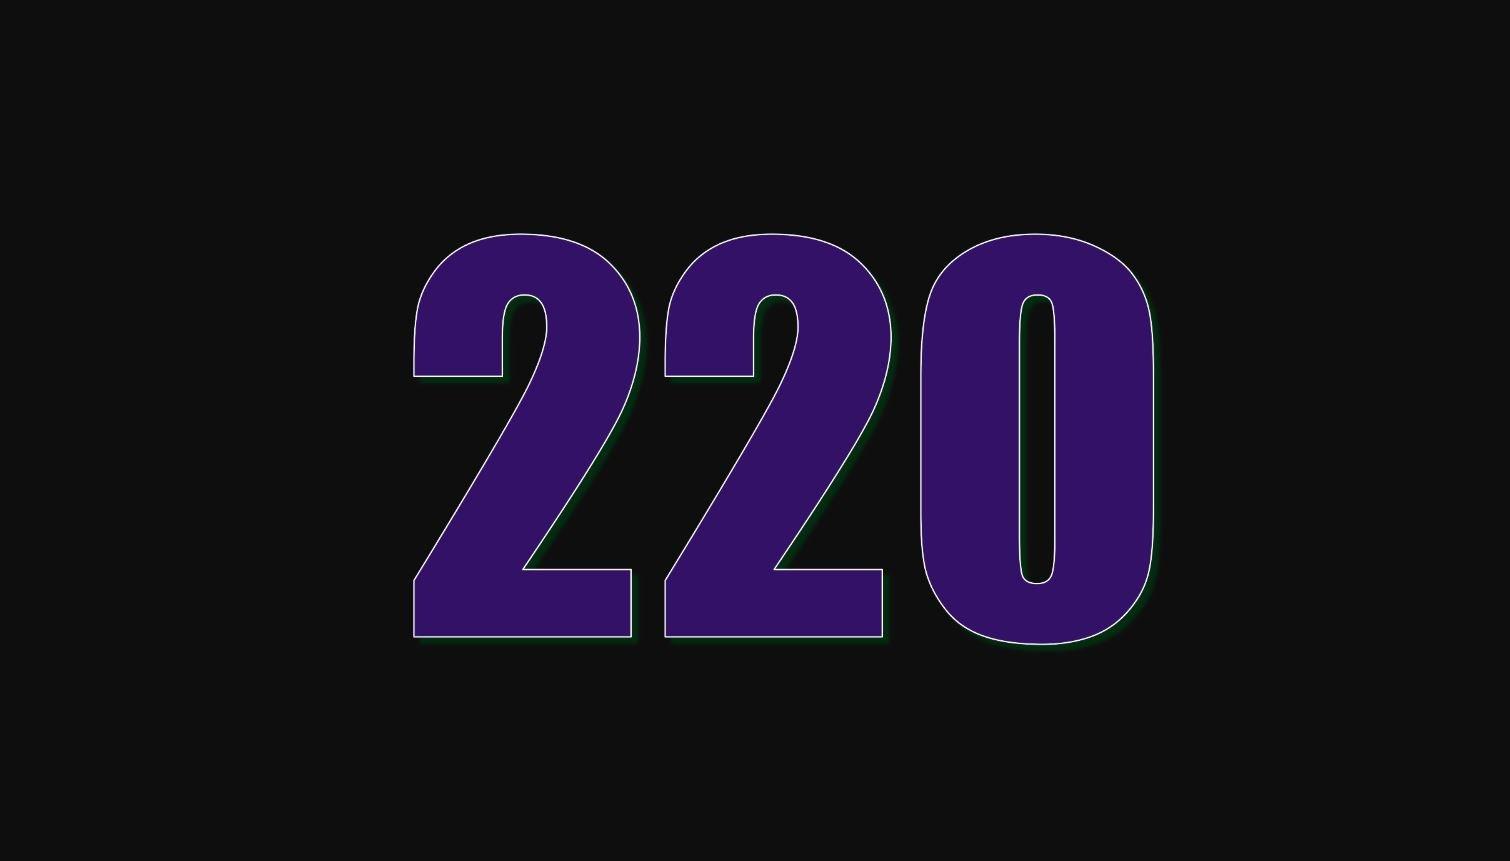 Significado del número 220